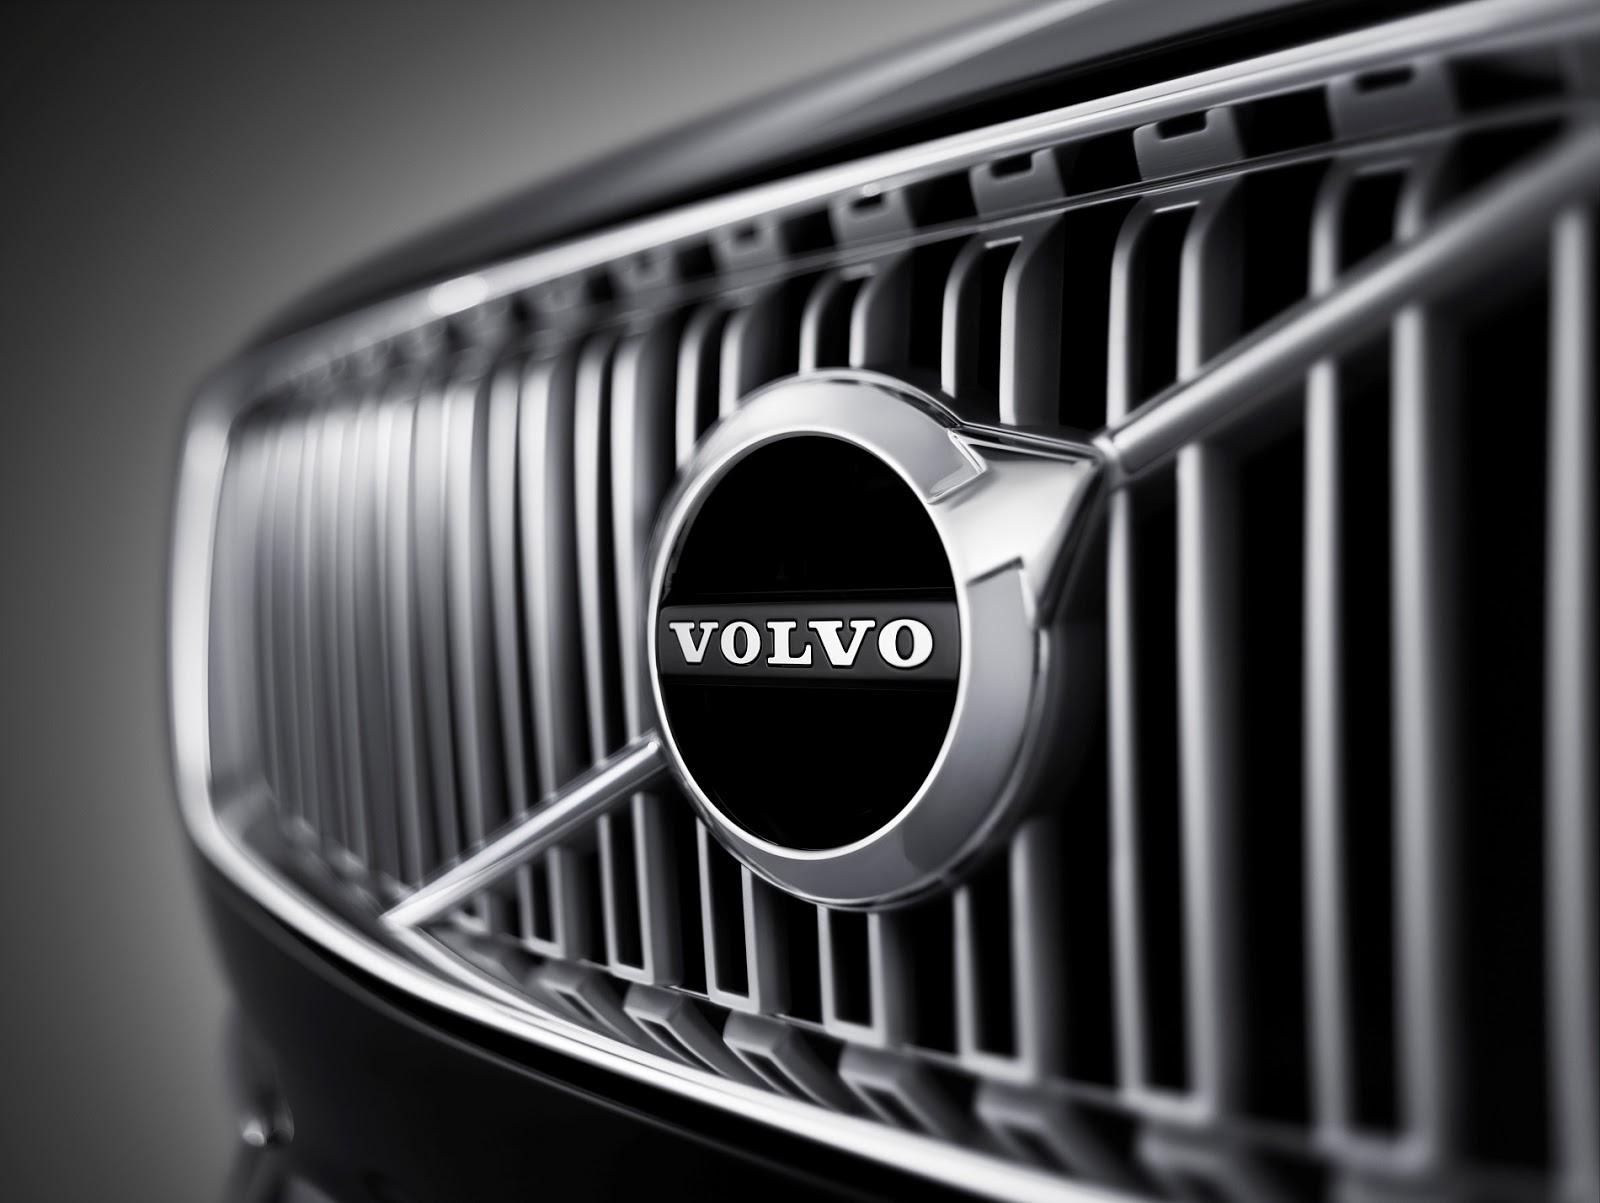 VOLVO2B25262BMODERN2BLUXURY2B4 Η Volvo και η εξέλιξη της «μοντέρνας πολυτέλειας» Volvo, Volvo S90, Volvo XC90